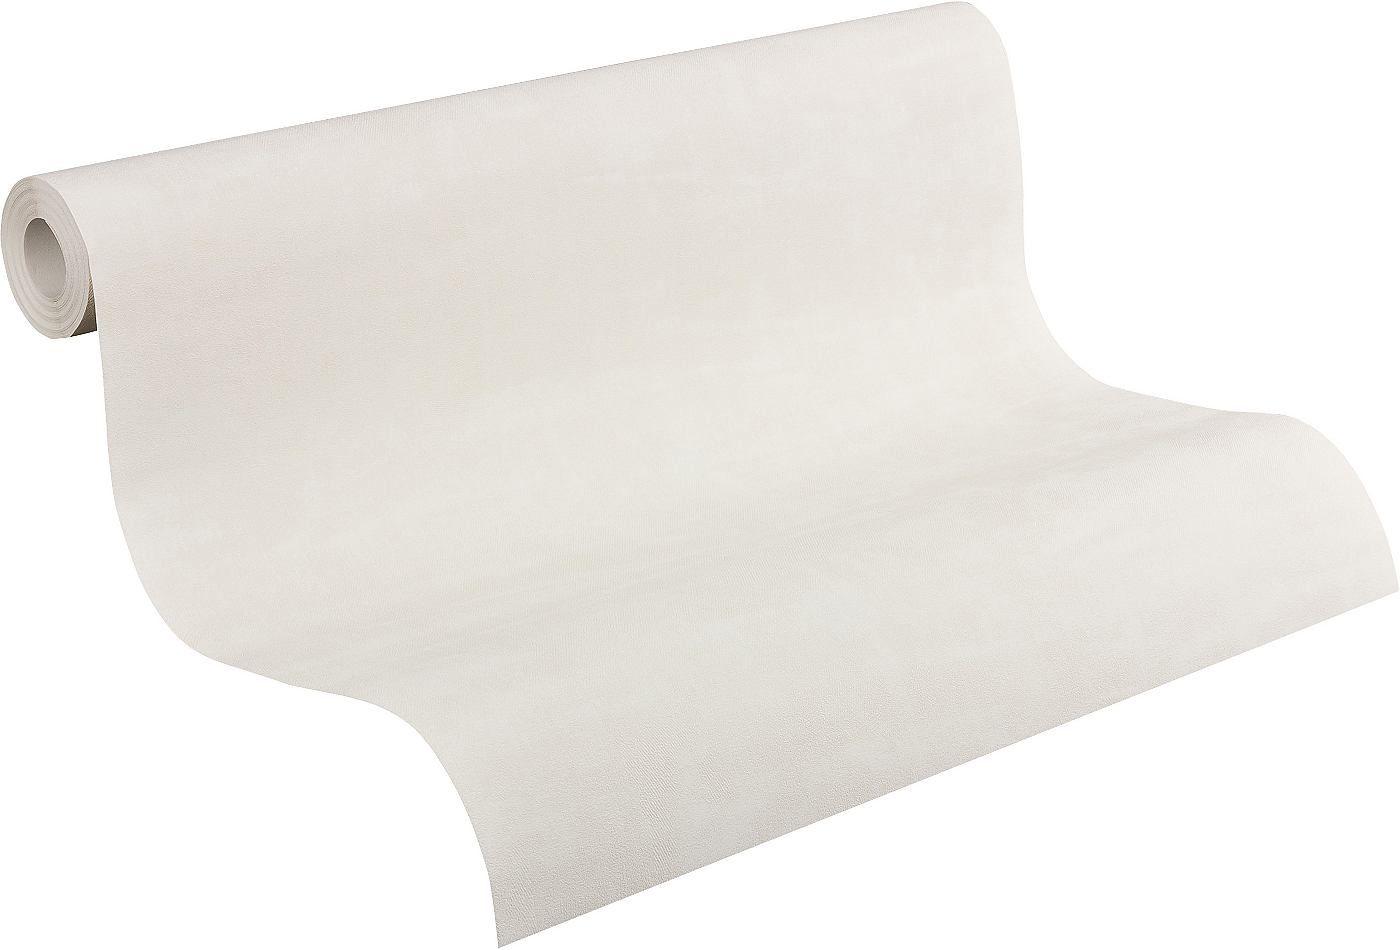 Art der Tapete:  Vliestapete: Vliestapeten unterscheiden sich von Papiertapeten durch ein hochwertiges Spezialvlies, das als Trägermaterial eingesetzt wird. Der große Vorteil von Tapeten auf Vliesbasis ist ihre besonders leichte Verarbeitung, in erster Linie das Wegfallen der Einweichzeit. Die Wand wird einfach eingekleistert, danach wird die Tapete direkt angebracht. So können Sie auch ohne Ta...